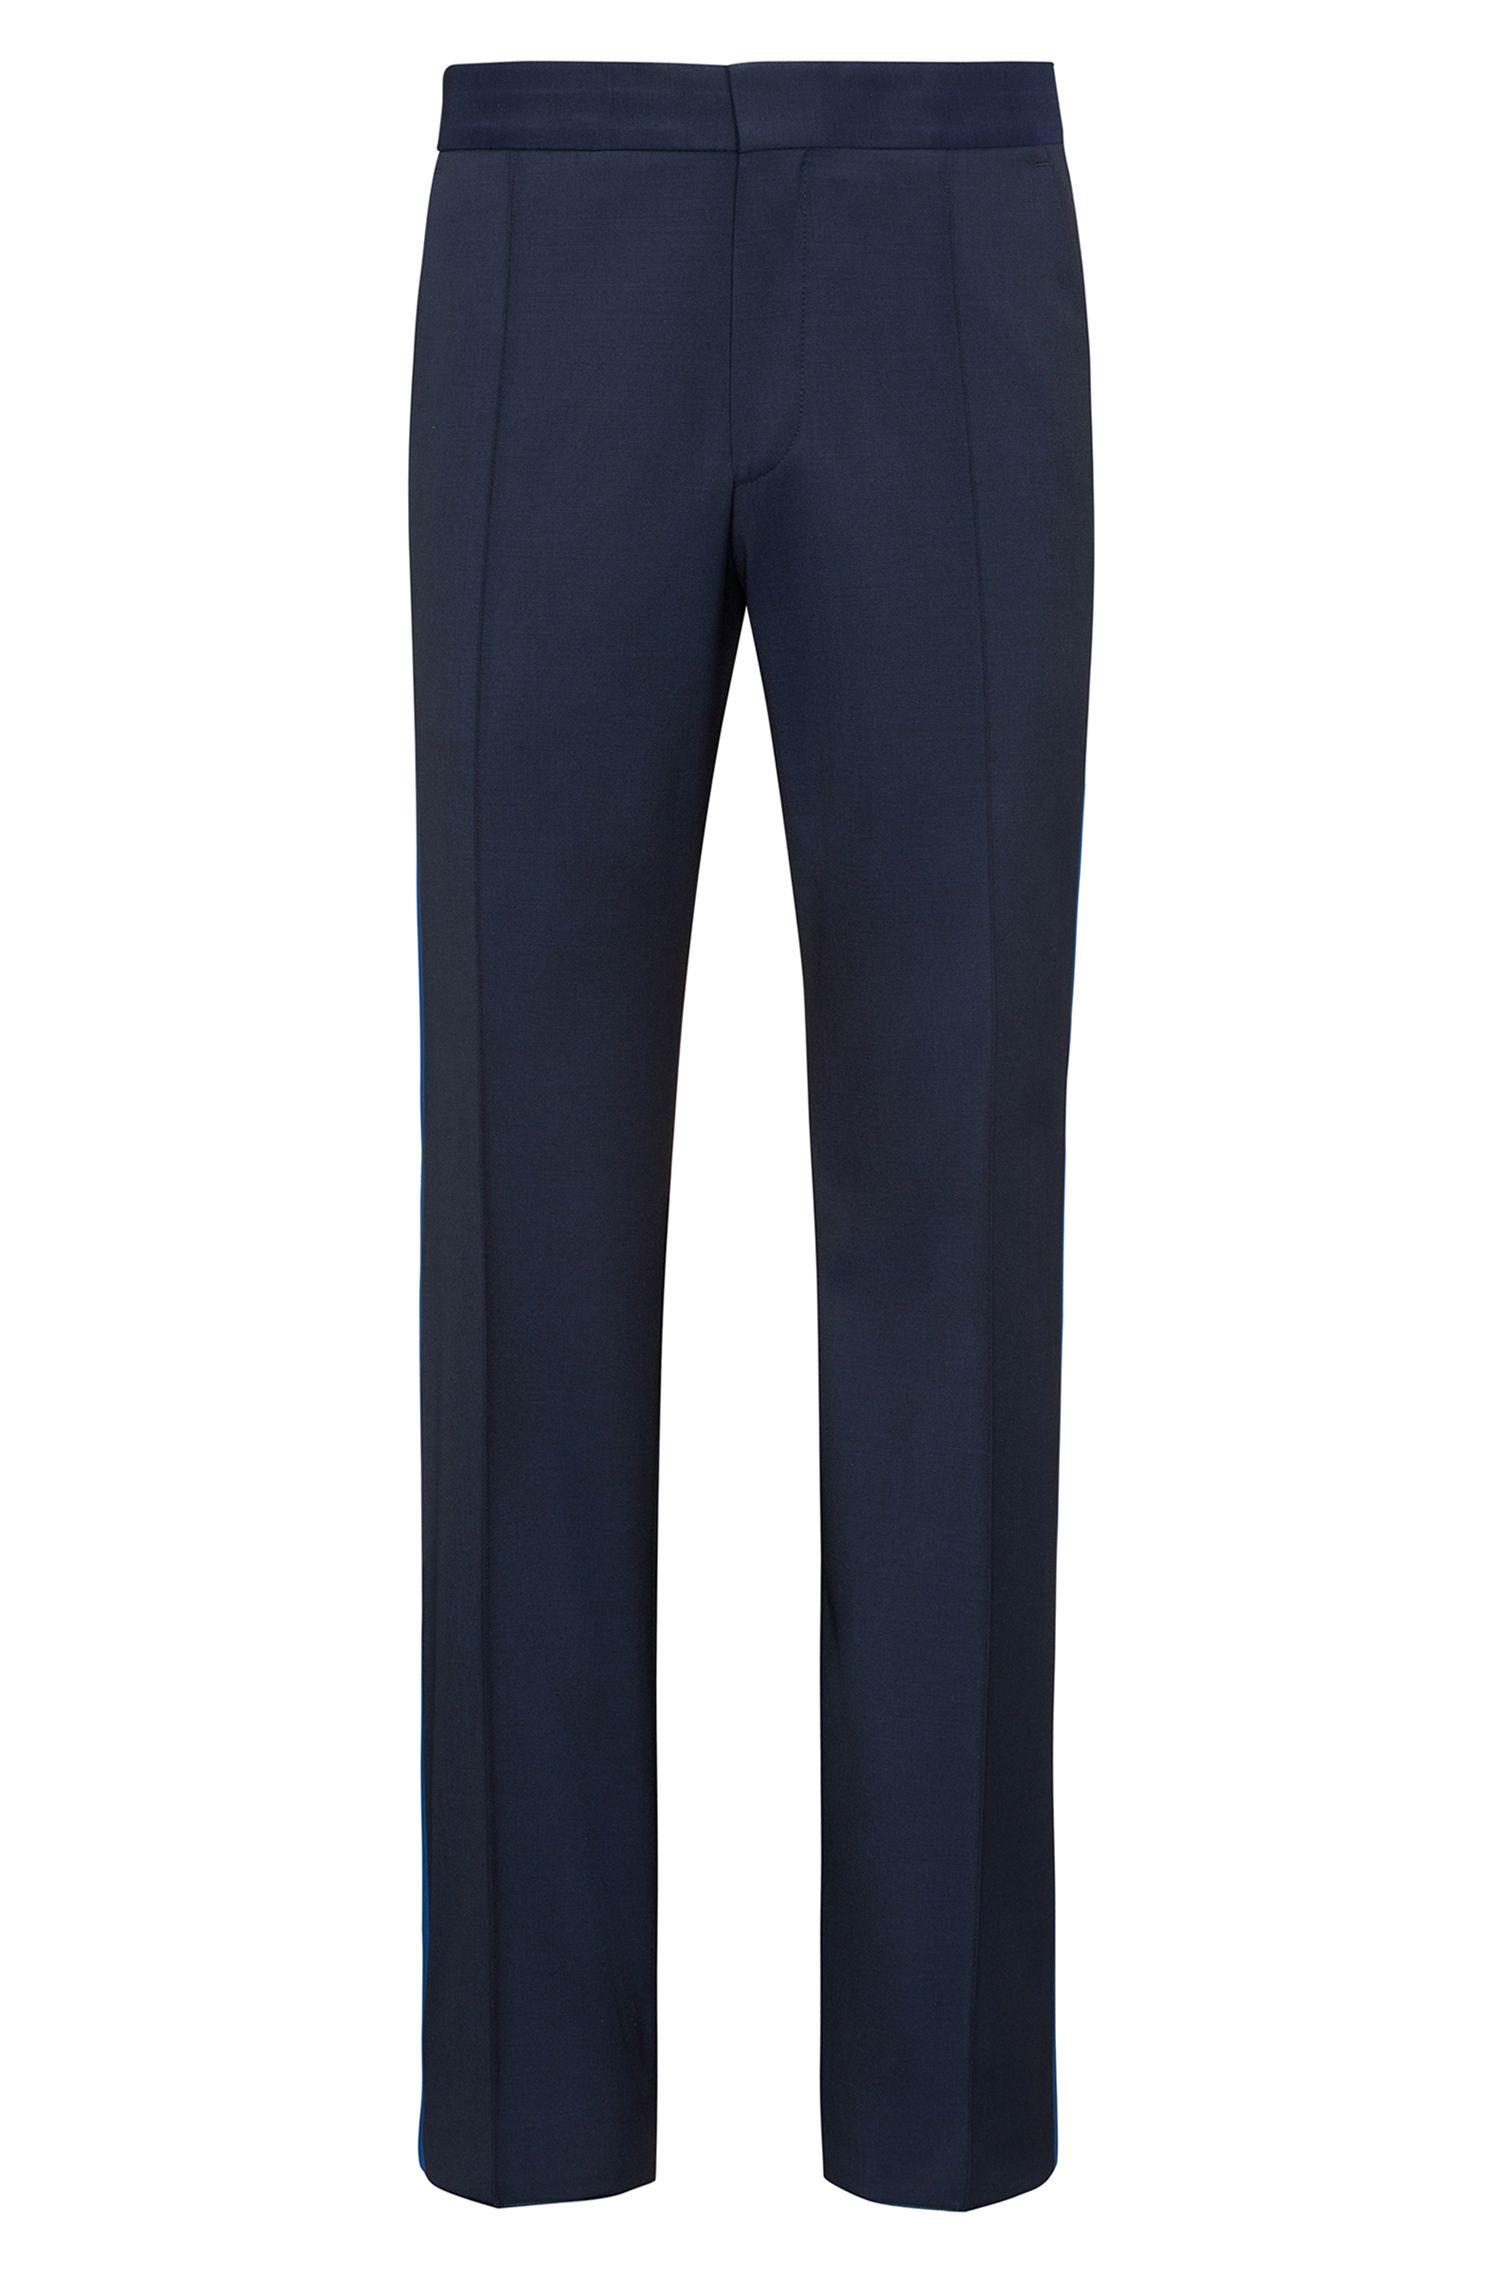 Pantalon oversize en laine vierge avec bande en soie contrastante